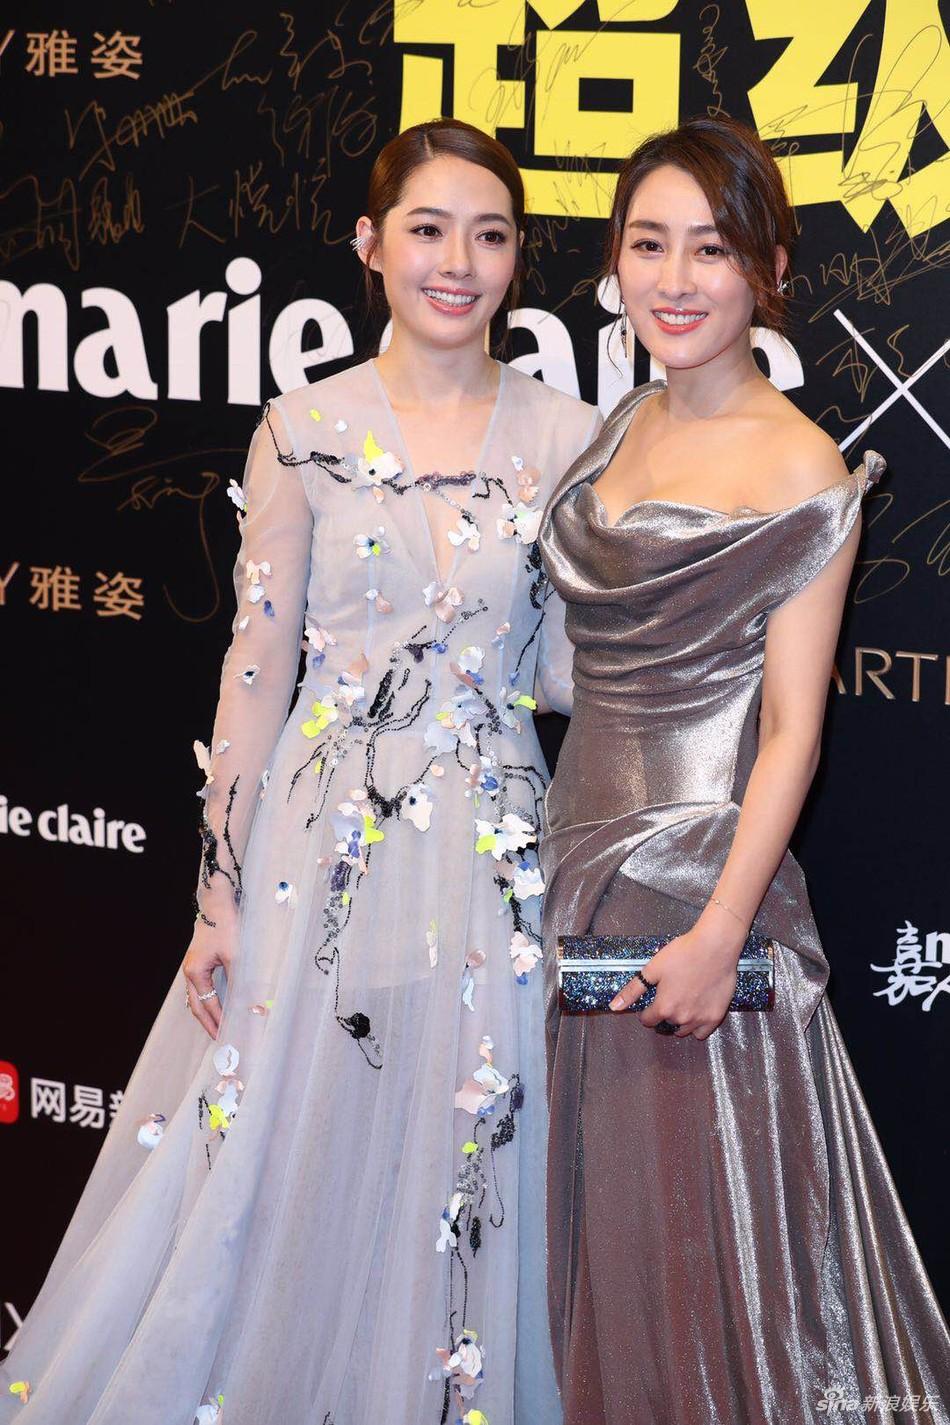 Thảm đỏ Marie Claire: Đường Yên chiếm sóng với chiếc váy đẹp xuất sắc, Lưu Diệc Phi kém sang hơn hẳn Dương Mịch - Angela Baby - Ảnh 25.